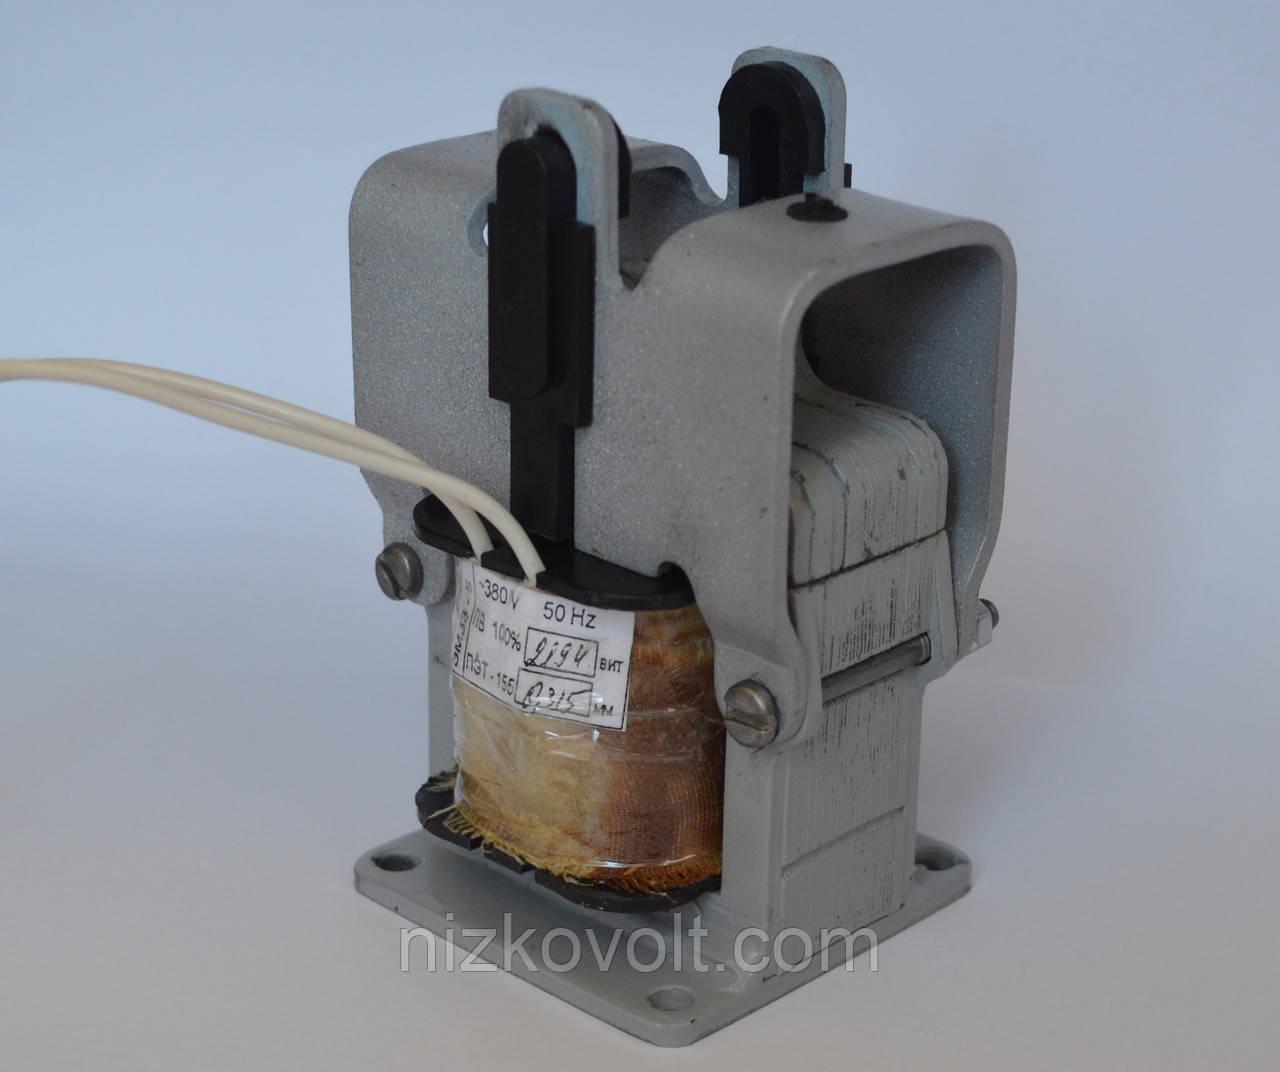 Электромагниты ЭМ 33-5 (ЭМ 33-51361-00УЗ) переменного тока